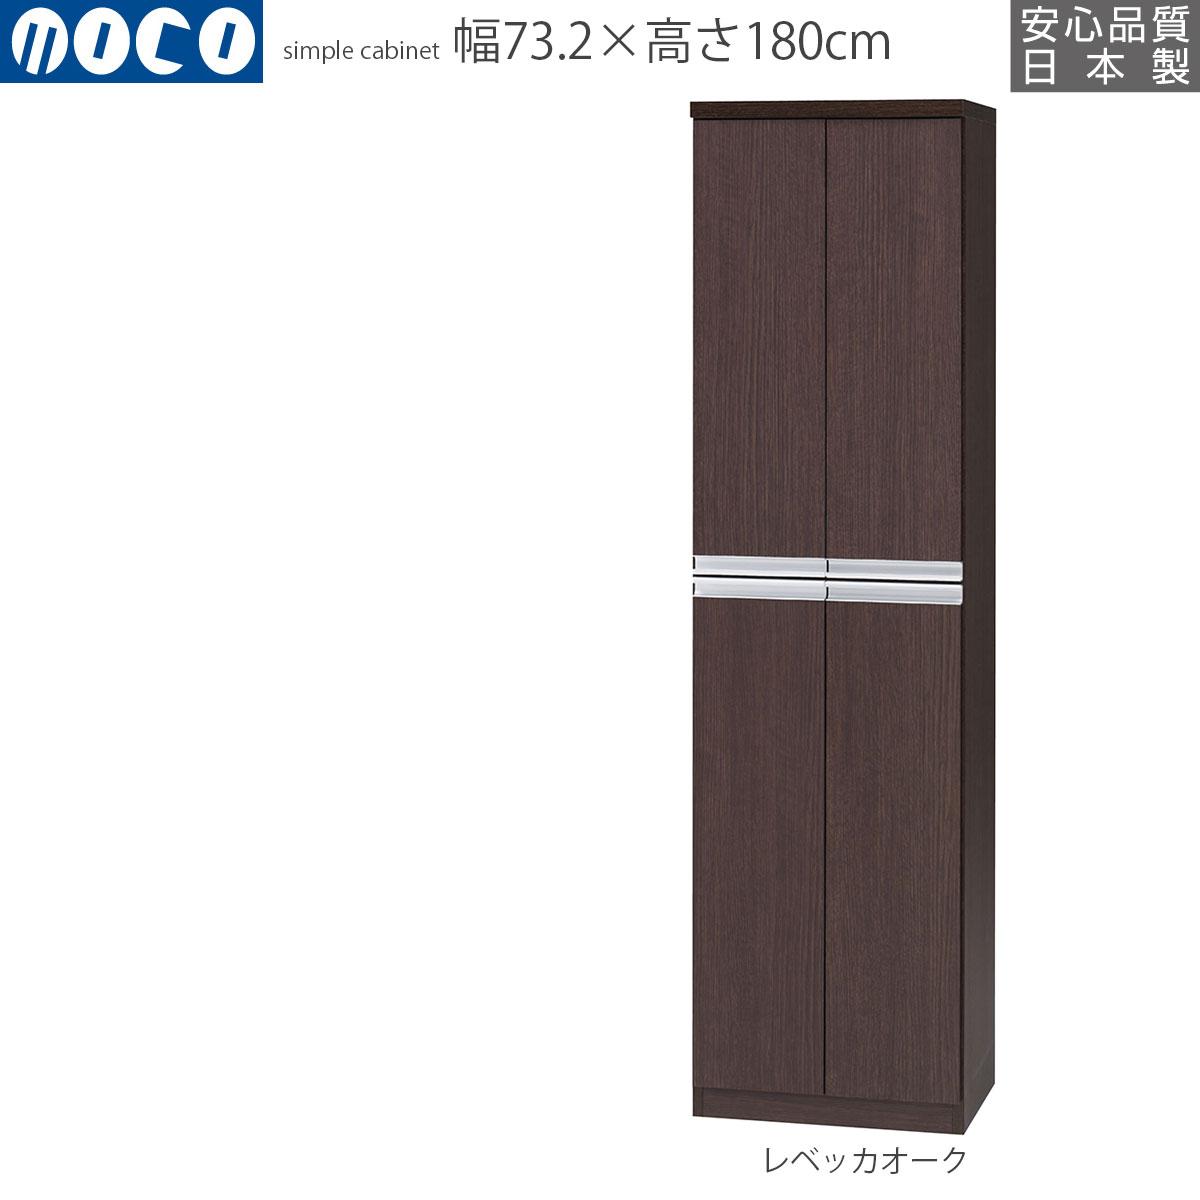 フナモコ マルチ収納棚 幅73.2×高さ93cm レベッカオーク ERE-75 日本製 国産